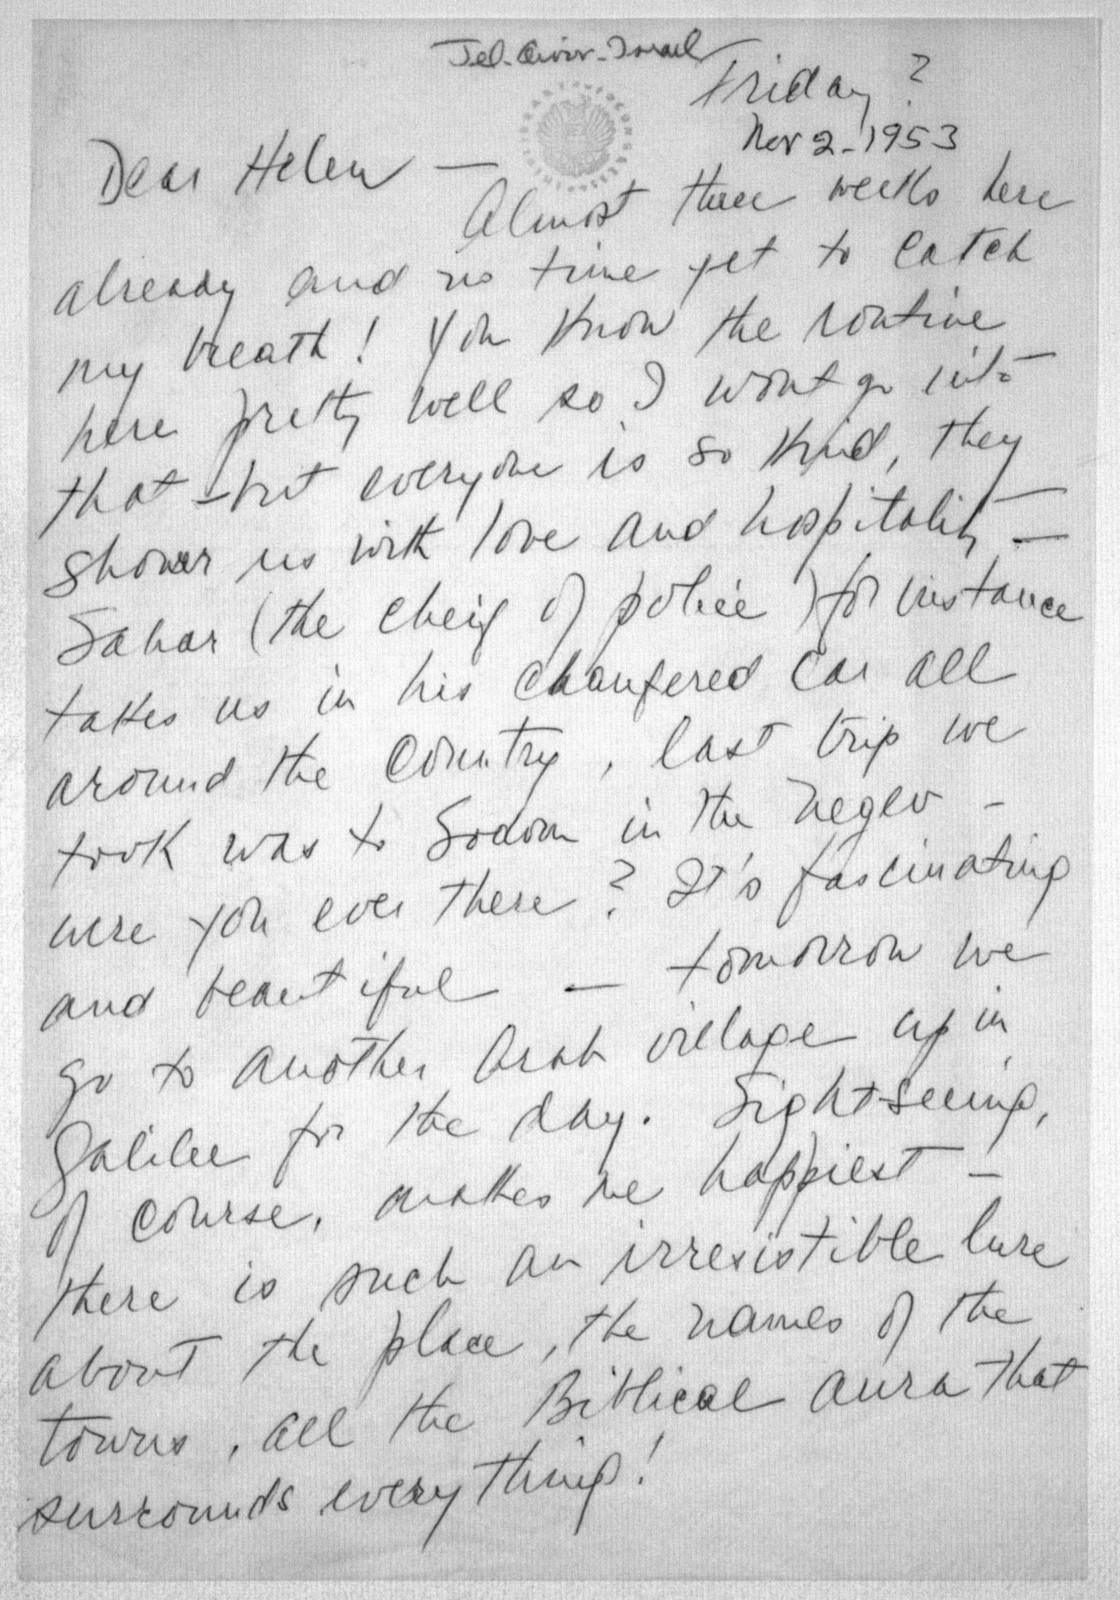 Letter from Felicia Bernstein to Helen Coates, November 2, 1953